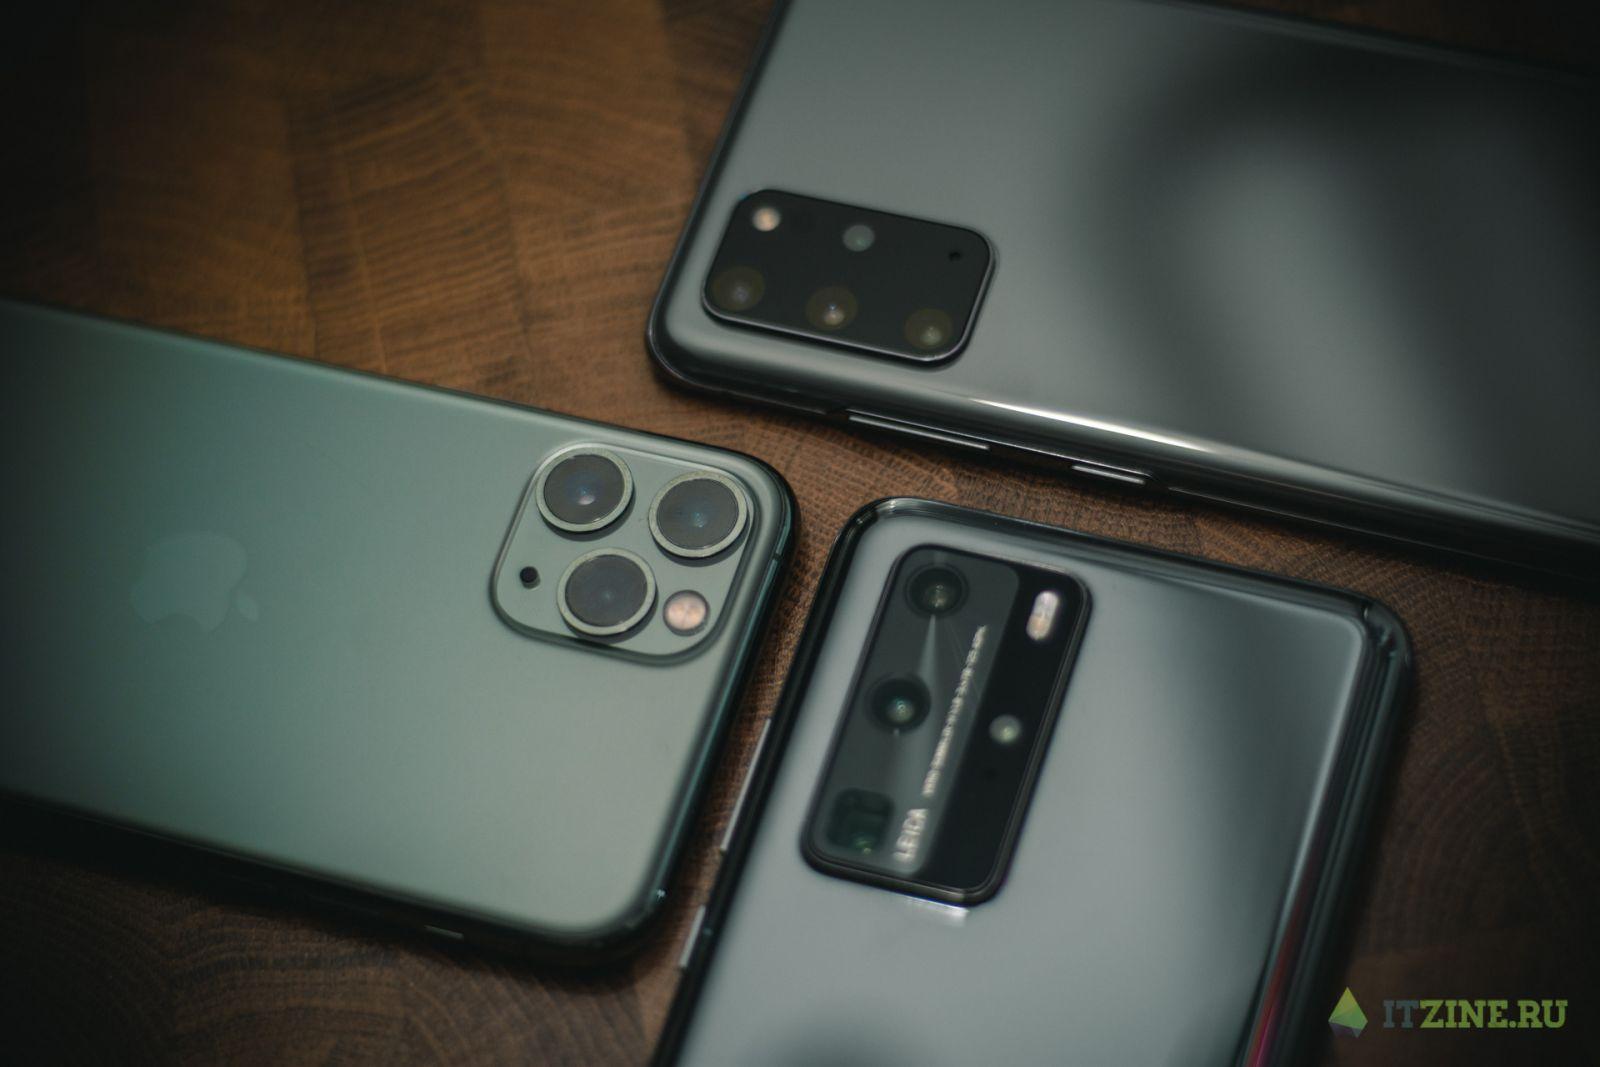 Премиум без изъянов. Обзор смартфона Samsung Galaxy S20+ (dsc 8594)